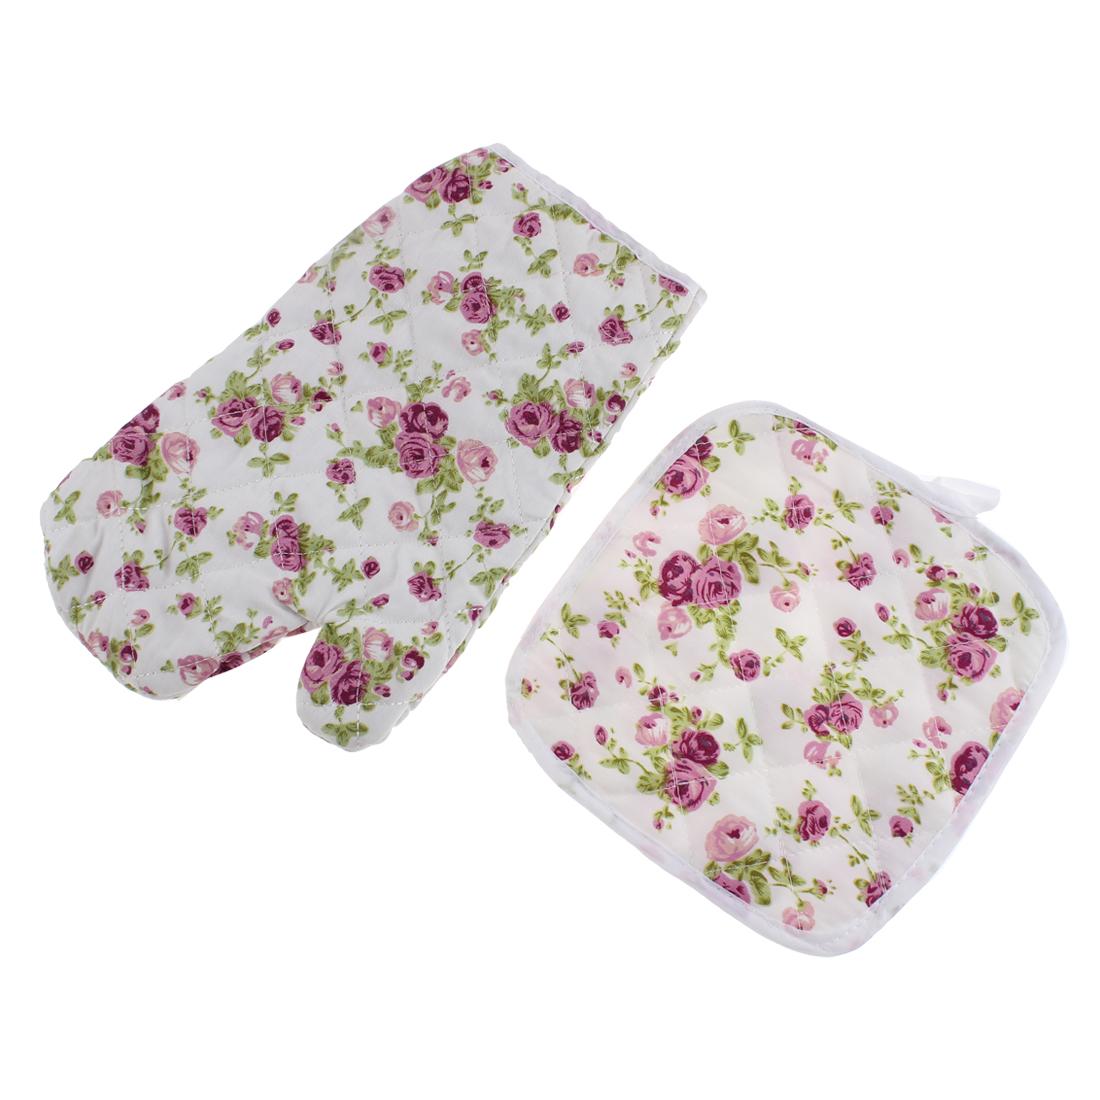 Flower Pattern Microwave Oven Gauntlet Mitt Gloves w Mat